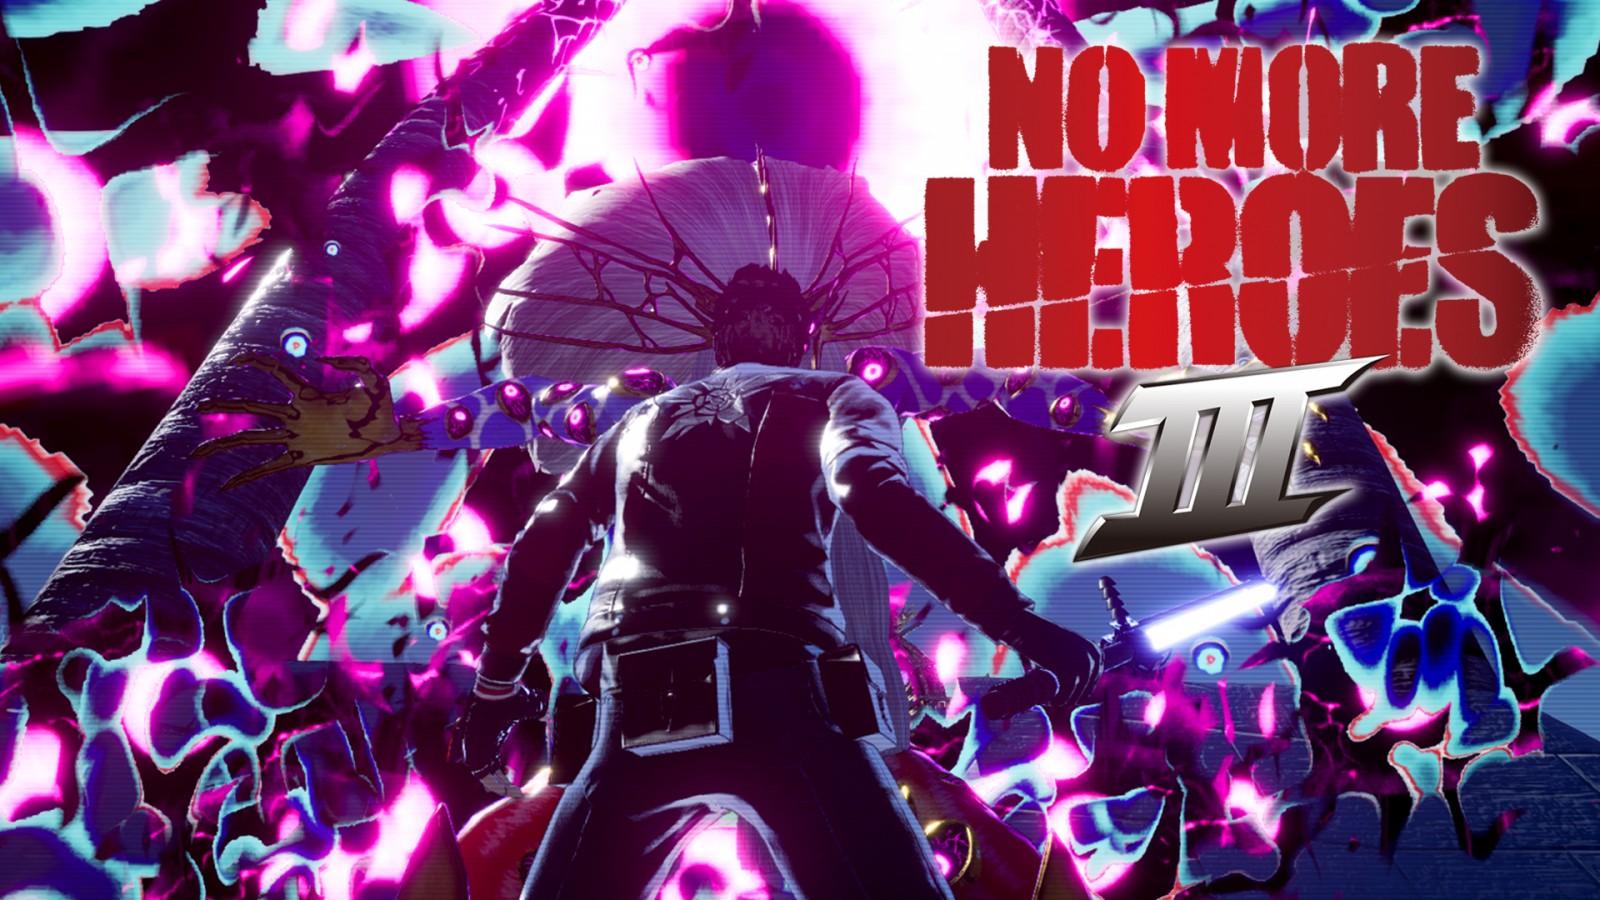 Conoce a los enemigos que te enfrentaras en No More Heroes 3 en este nuevo tráiler.